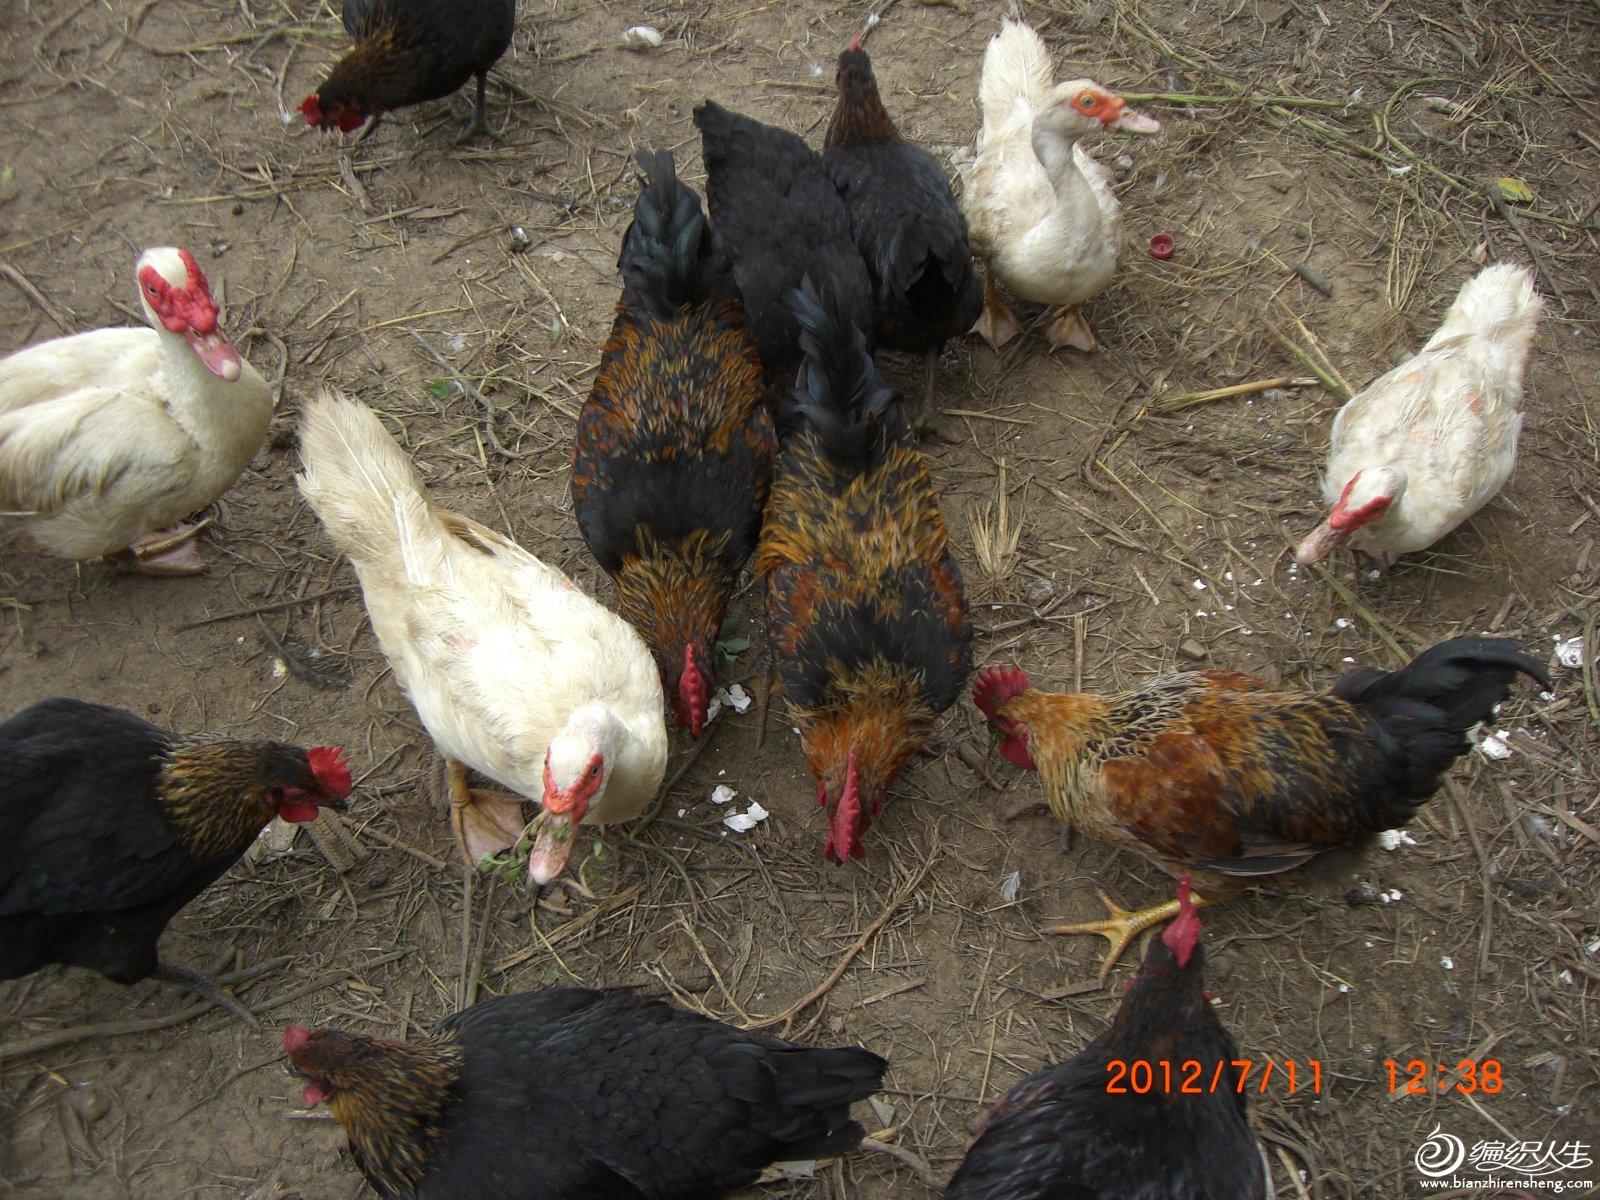 一群鸡在吃食.JPG